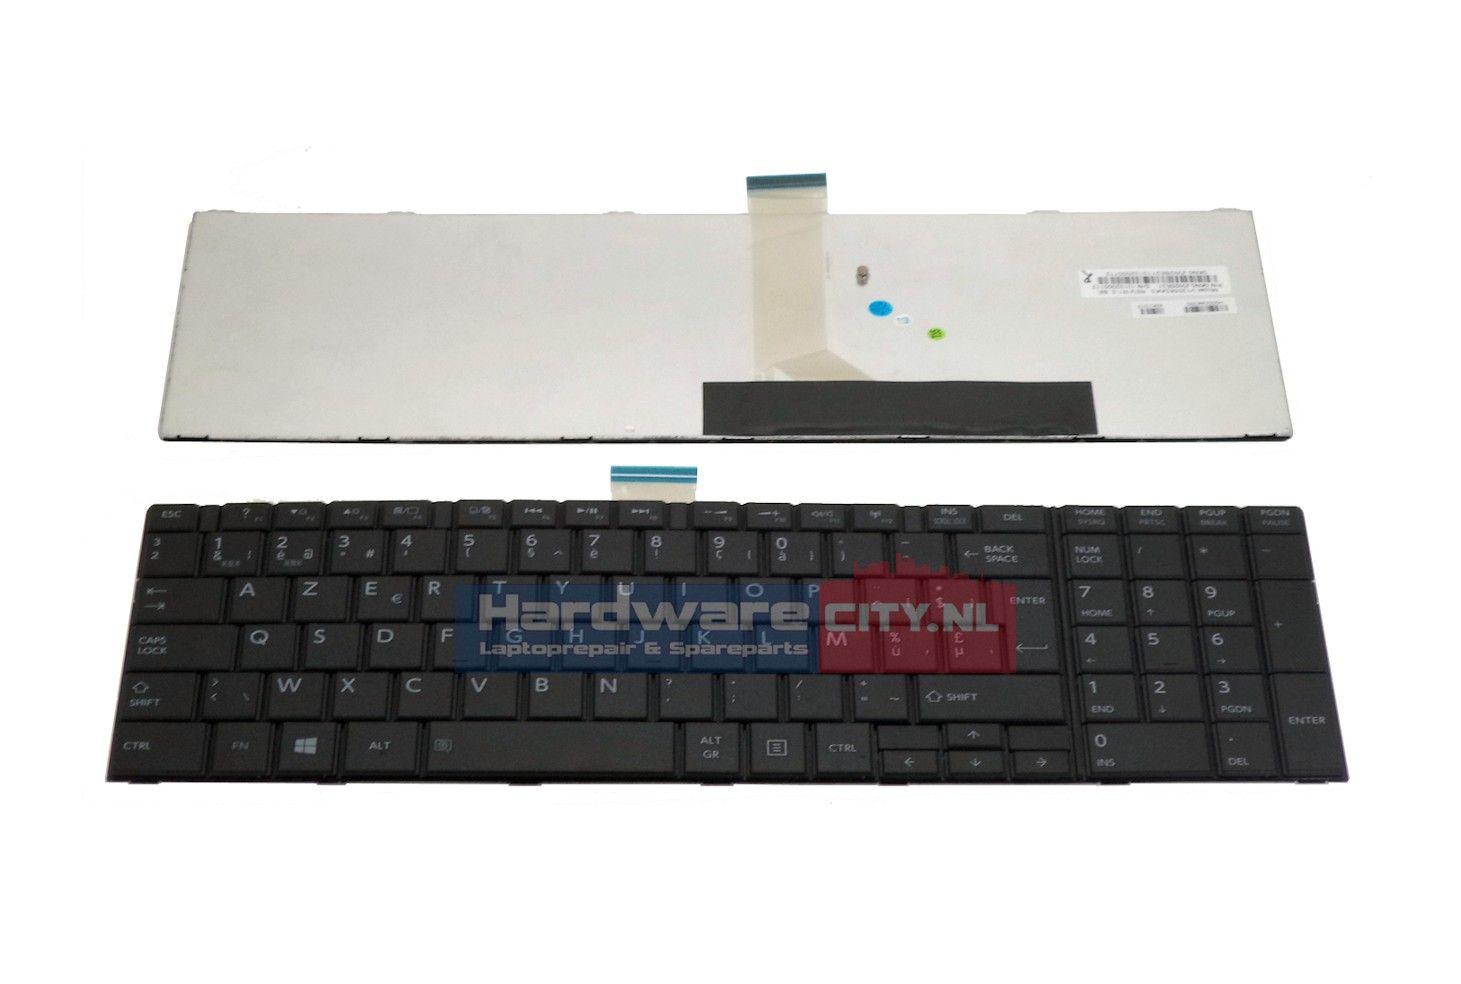 Toshiba Satellite C850/C870 series BE keyboard